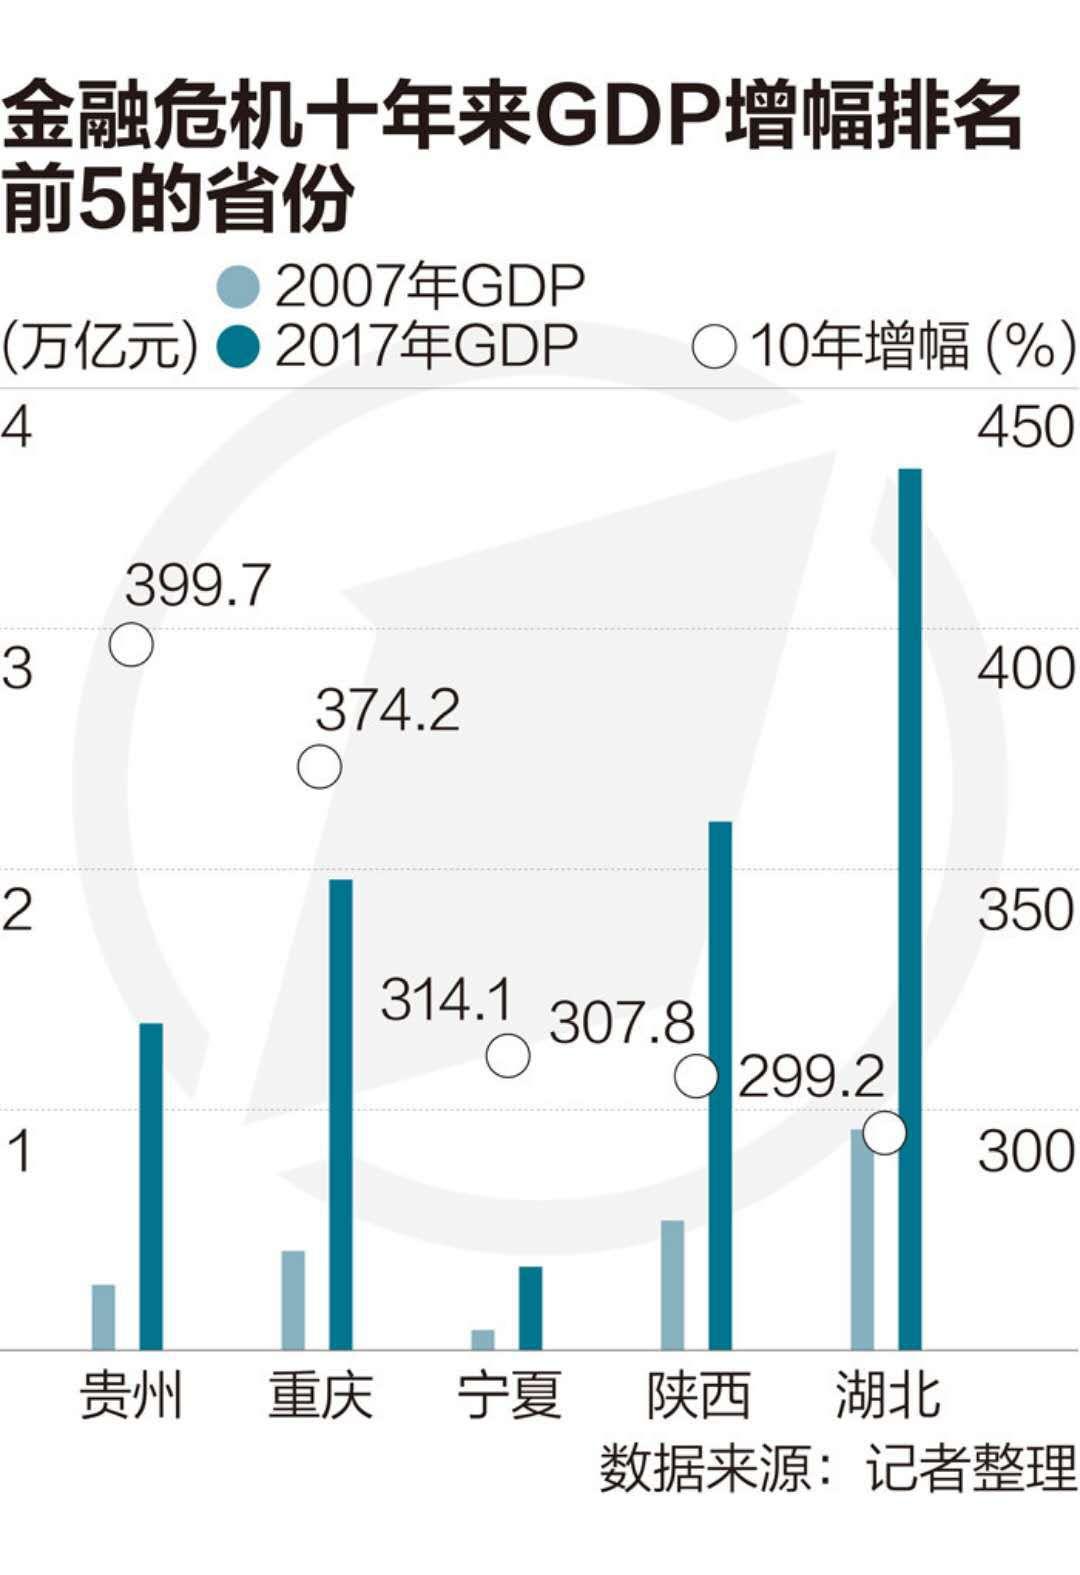 金融危机十年来区域经济巨变:西部四省增长最快